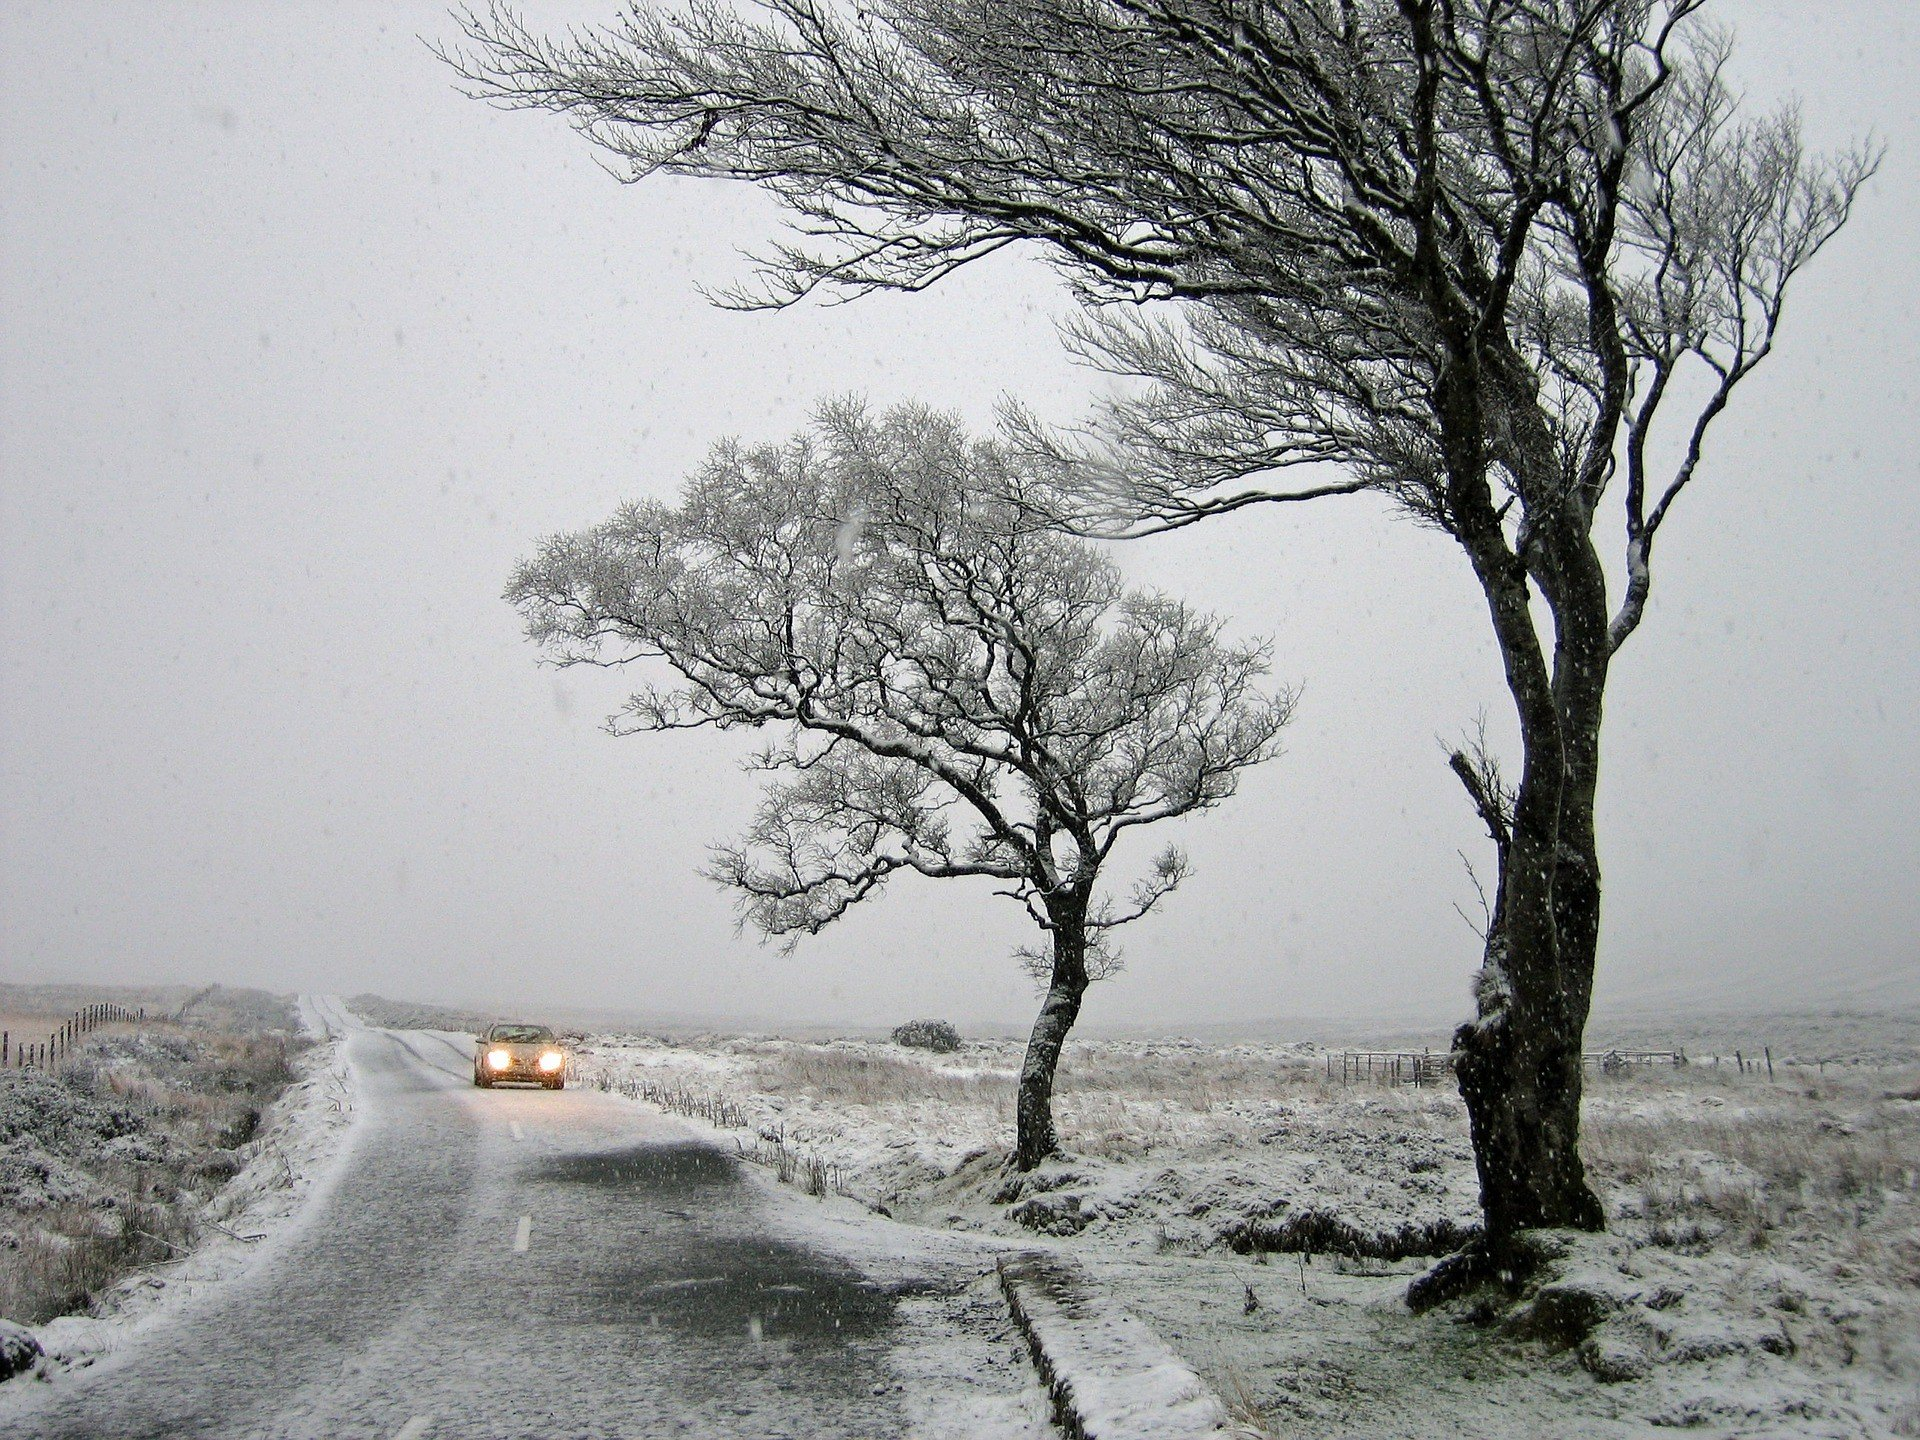 Синоптик предупредила об усилении морозов и штормовом ветре